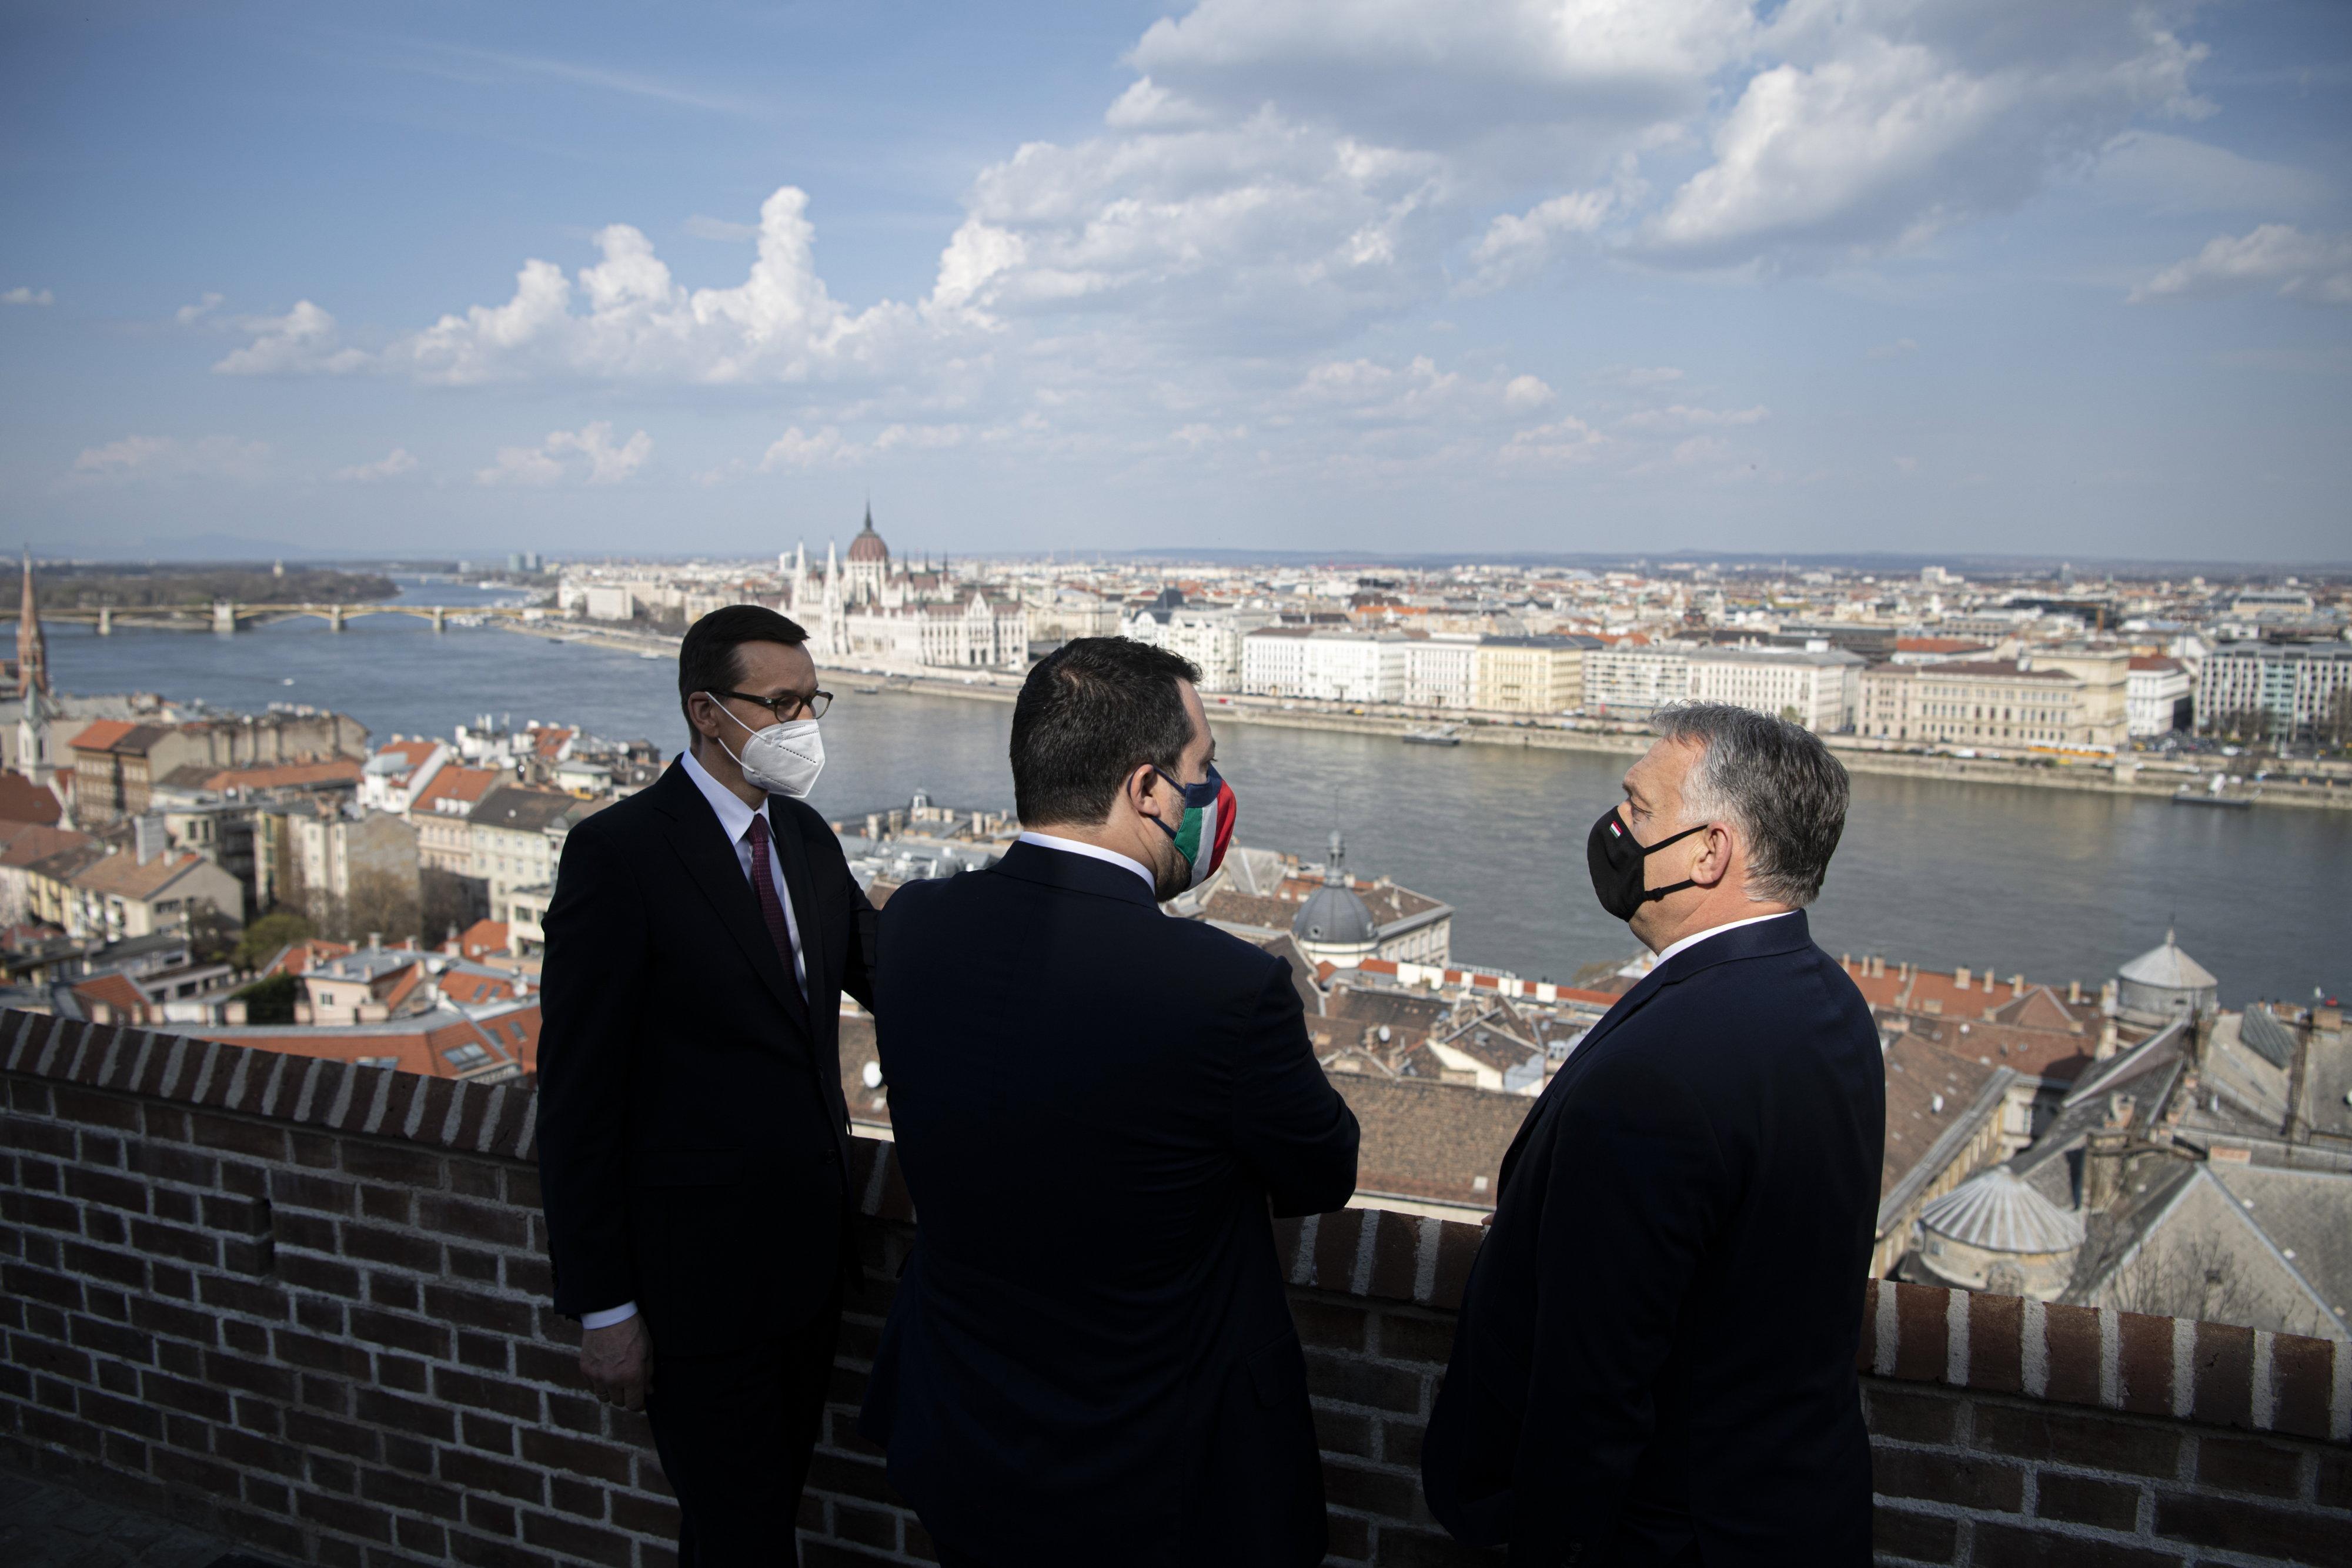 Orbán Budapestre hívta Salvinit és a lengyel miniszterelnököt, hogy aztán ne jelentsenek be semmit